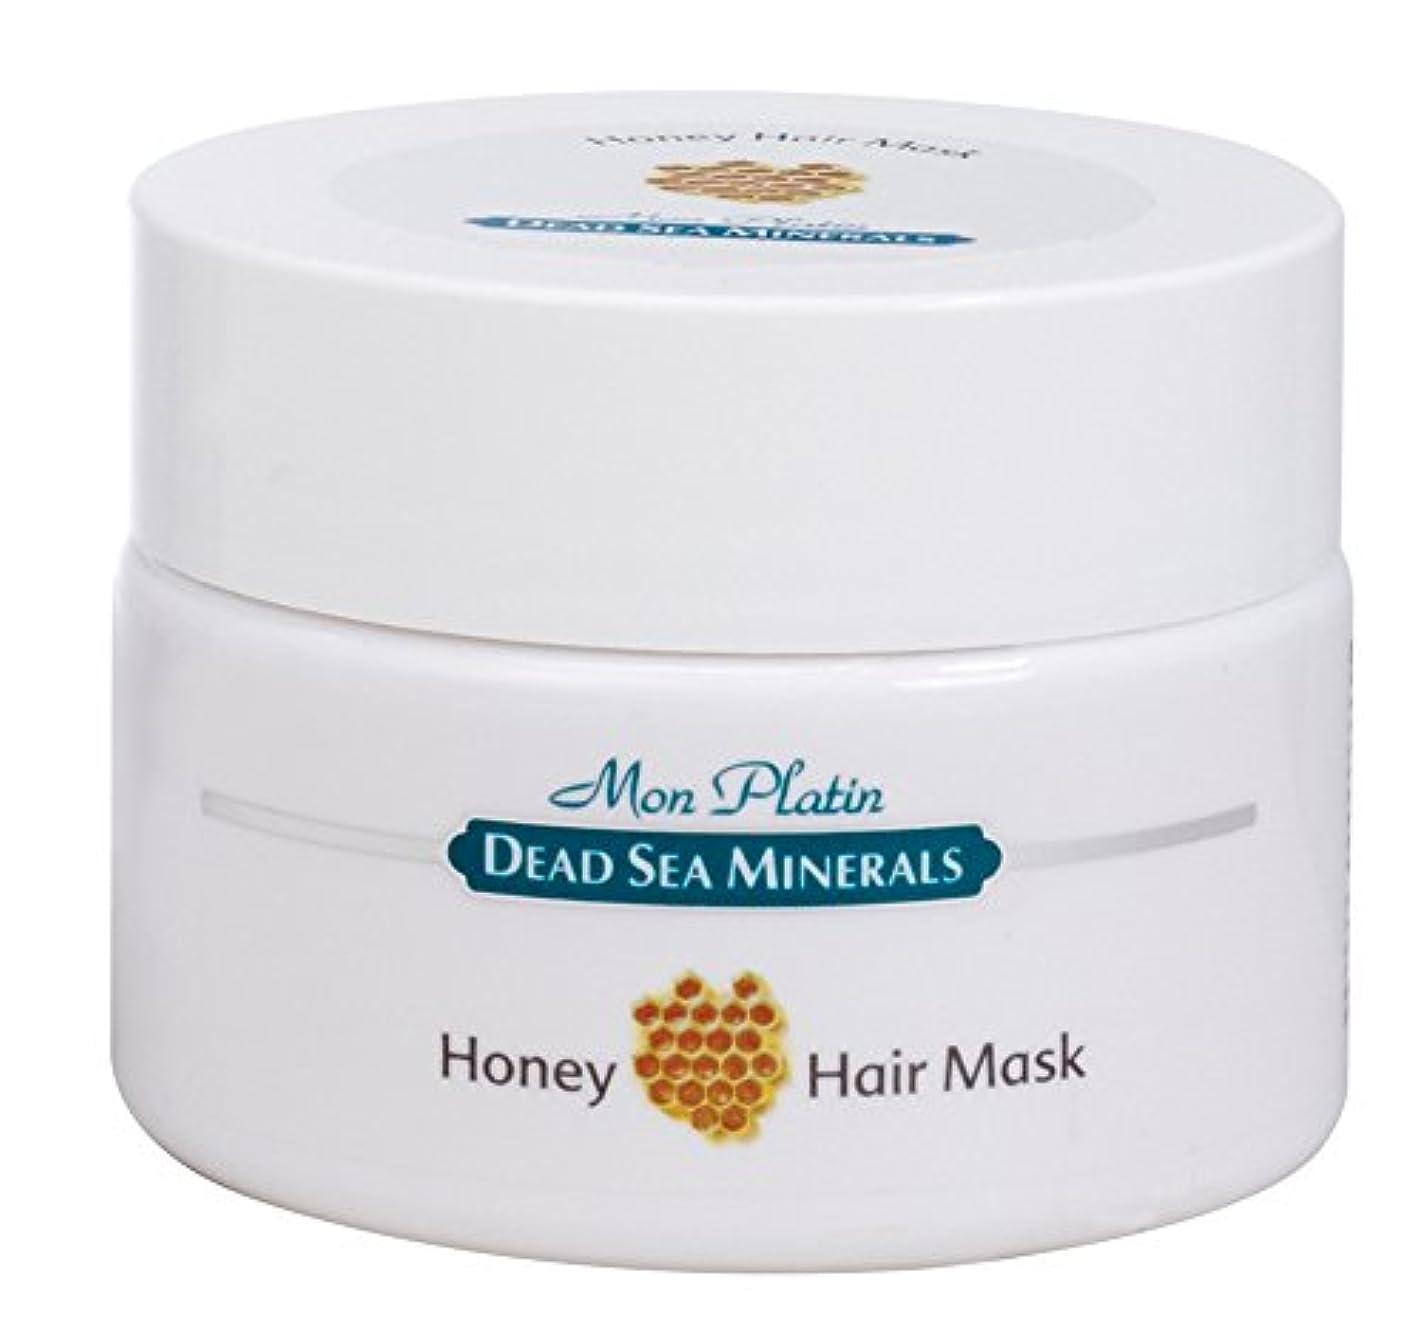 実験室コミュニケーション頑丈乾燥?傷んだ髪のための蜂蜜髪マスク 250mL 死海ミネラル Honey Hair Mask for Dry & Damaged Hair